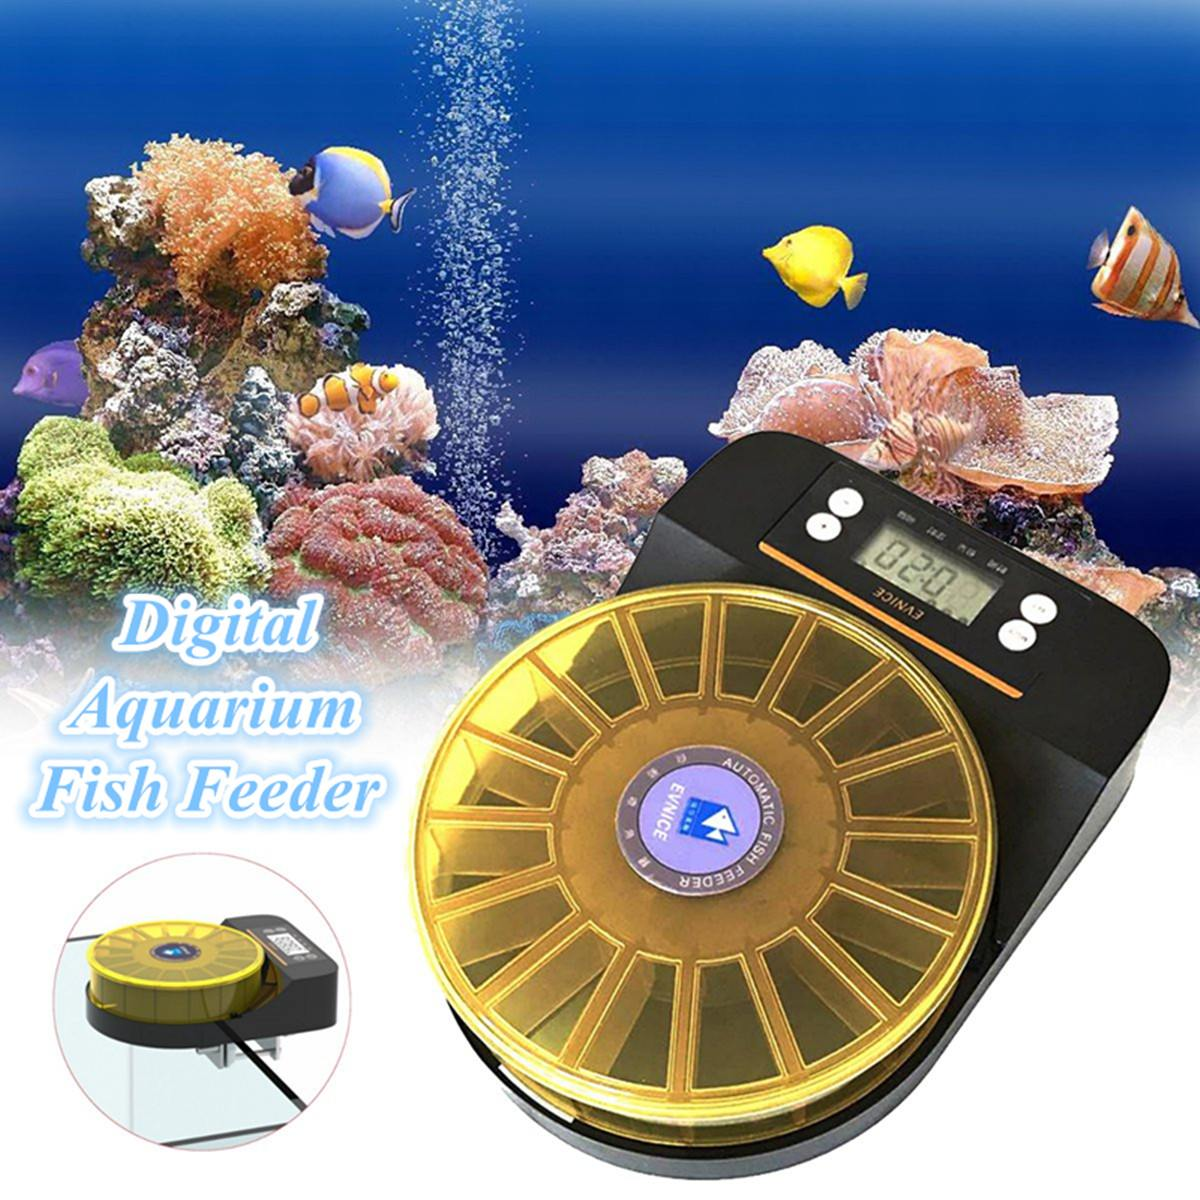 Distributeur automatique de nourriture pour poissons Aquarium numérique réservoir de poissons mangeoire en plastique minuterie électronique multitreillis goutte alimentation alimentation 200g